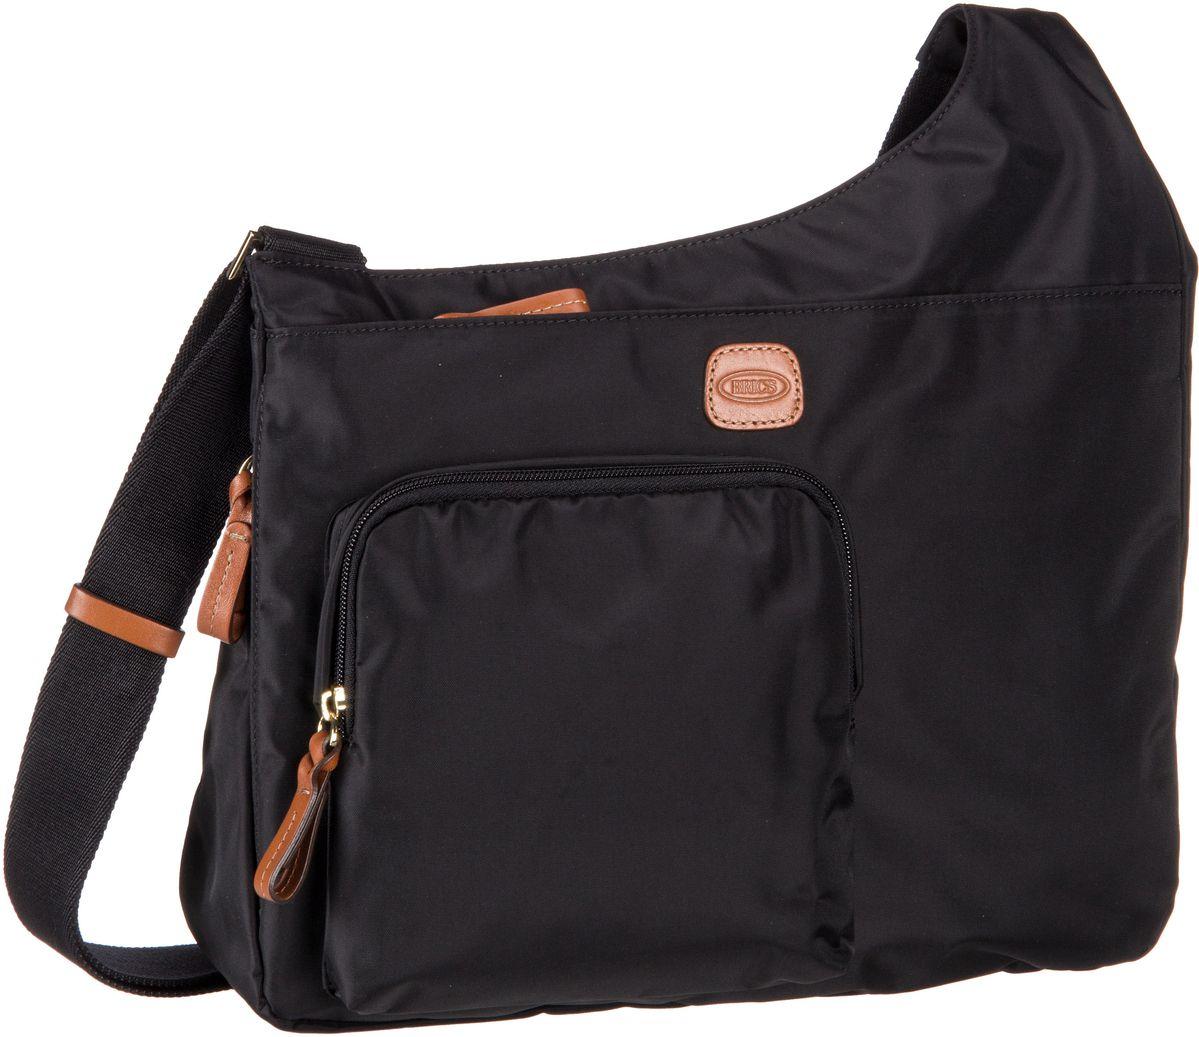 's Umhängetasche X-Bag Damentasche 42732 Nero